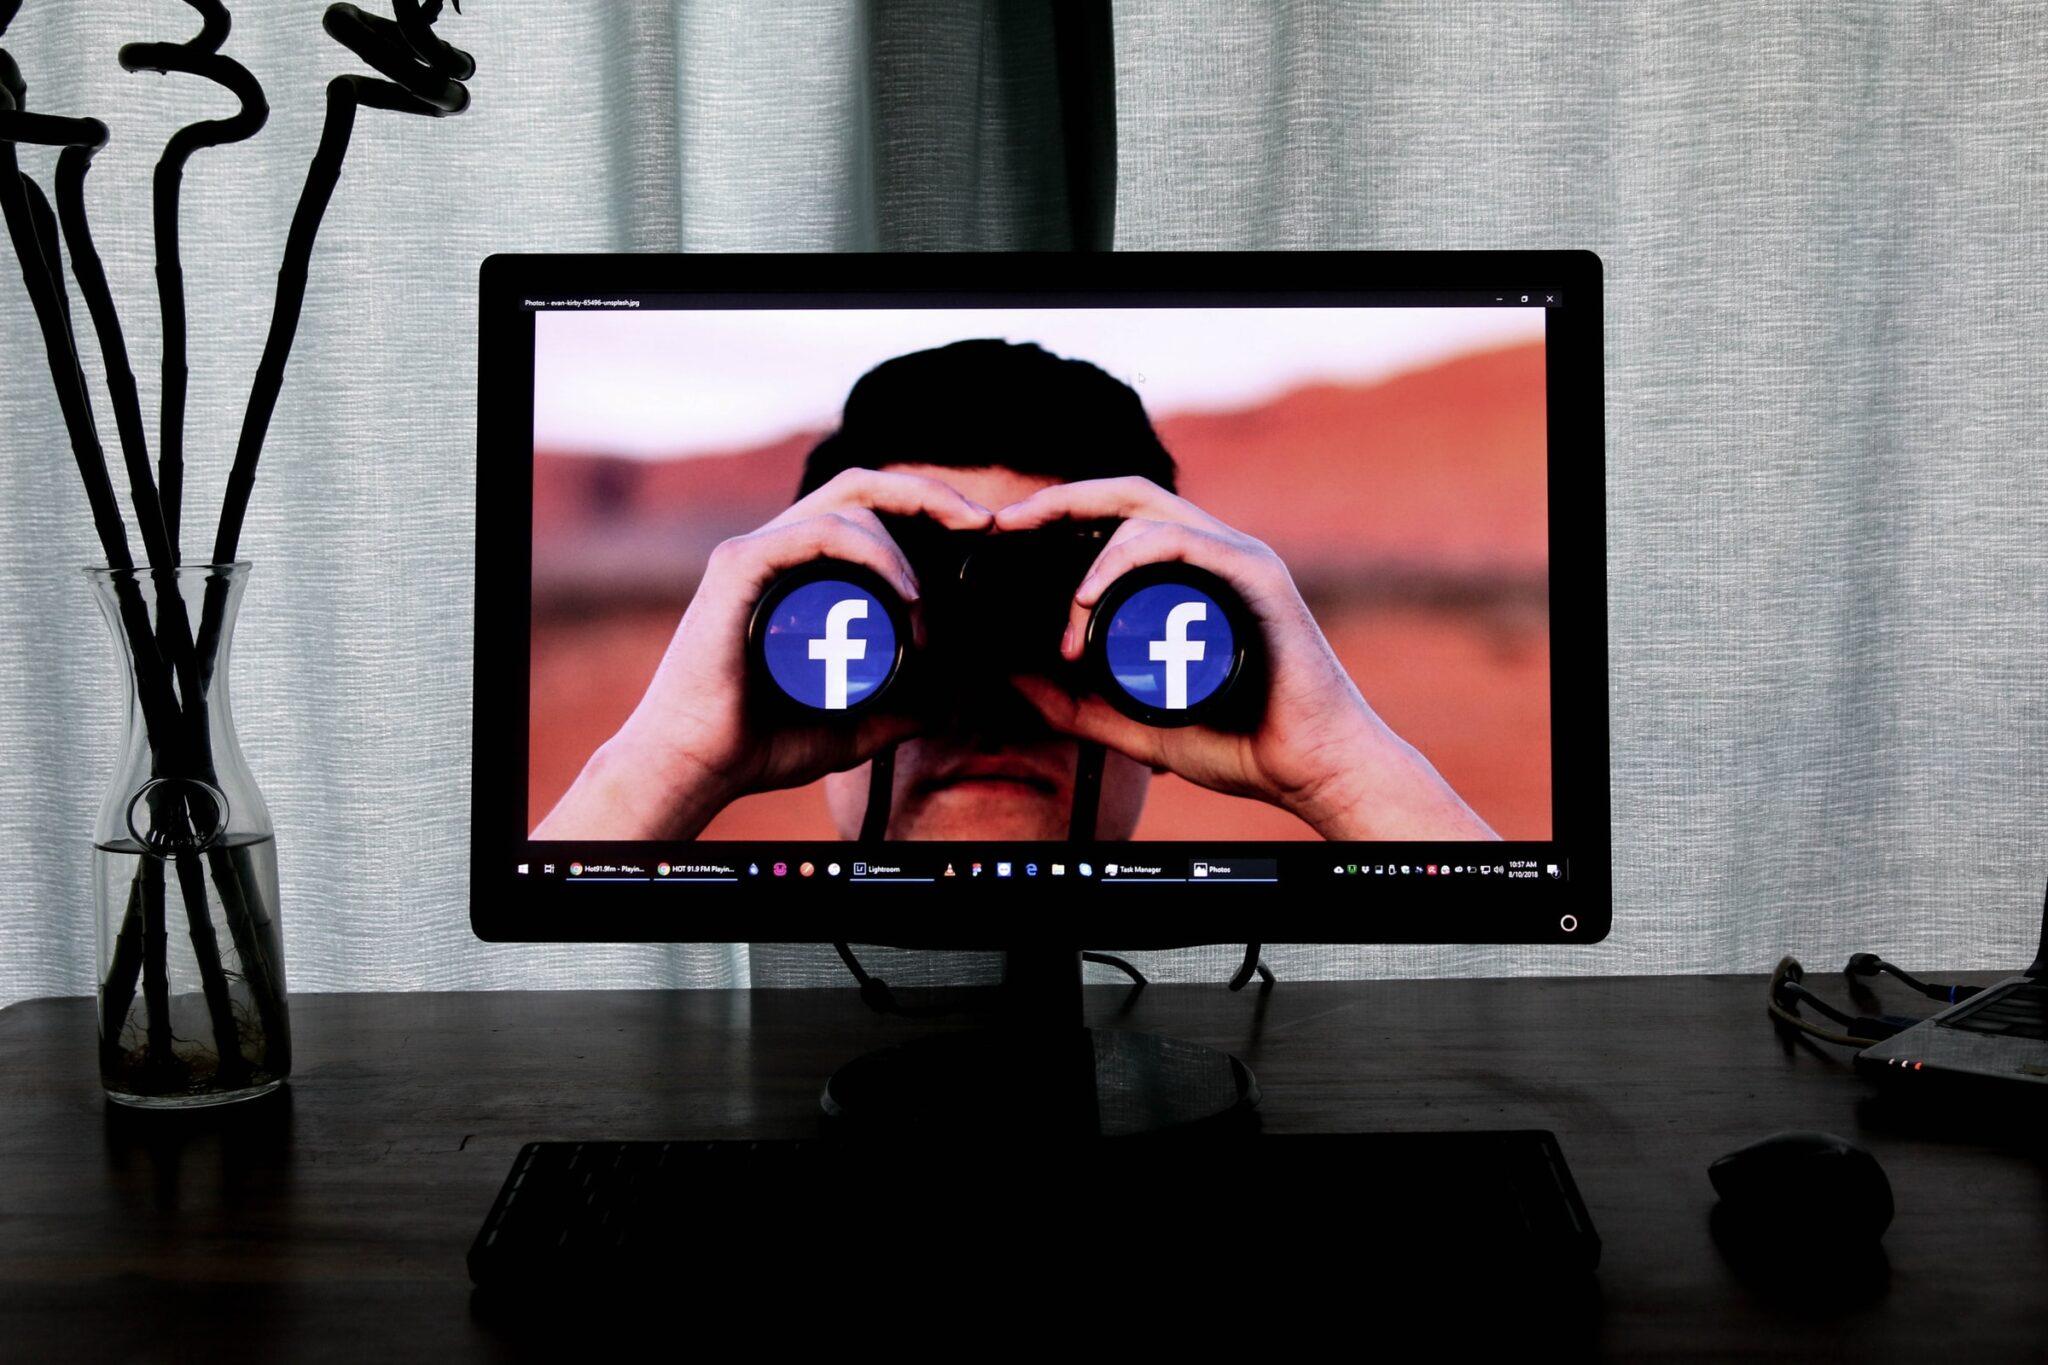 Mann mit Fernglas, auf dem Facebook-F auf den Linsen zu sehen sind, ist auf einem Bildschirm zu sehen, der auf einem Tisch steht.